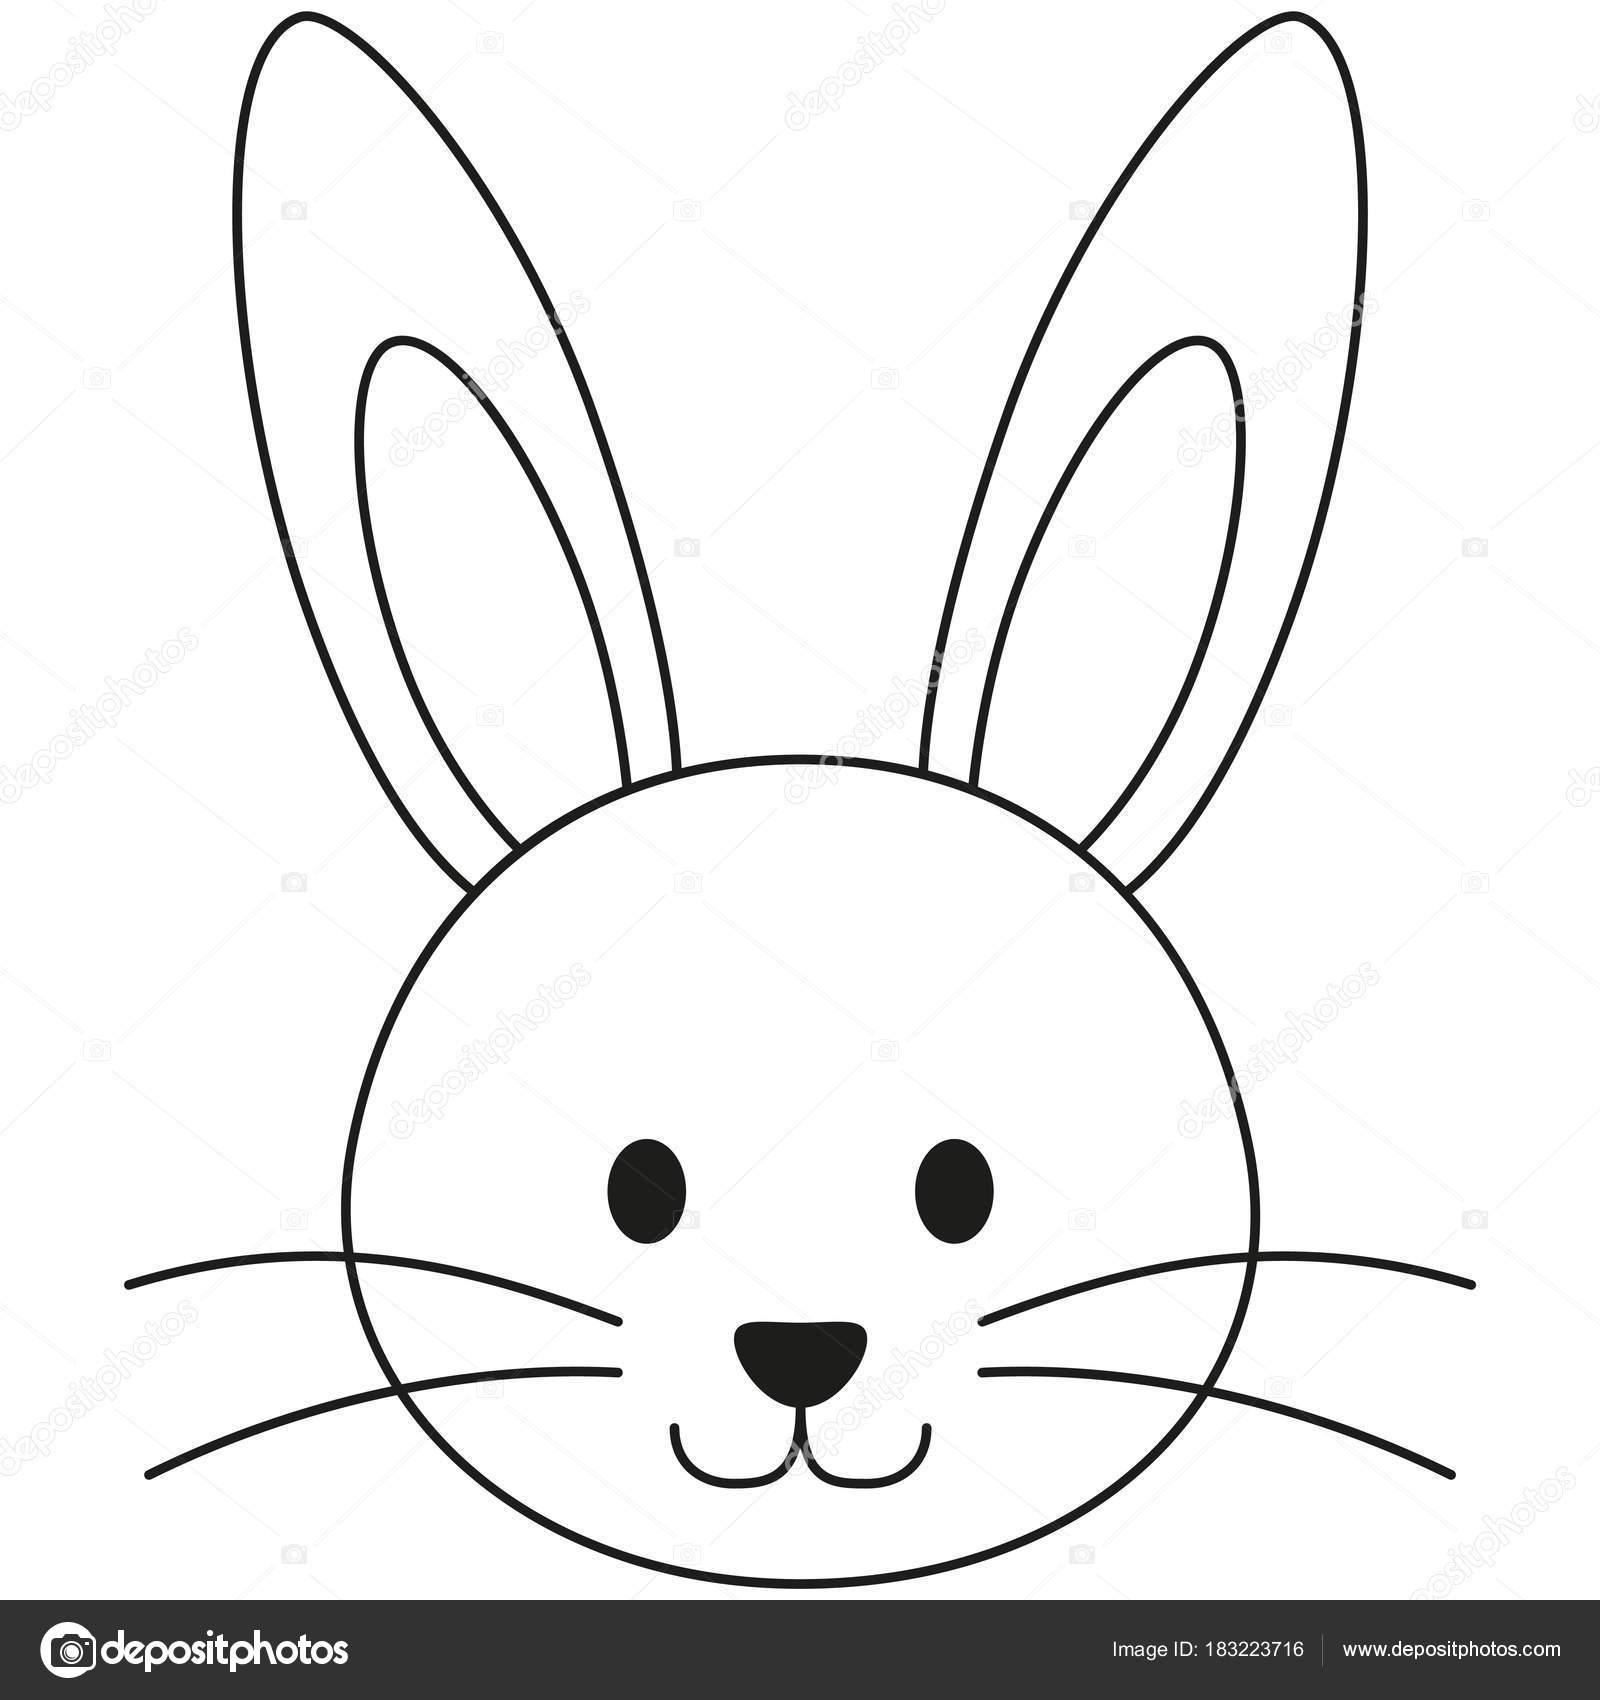 Linie schwarz / weiß Kaninchen Hase Gesicht Symbol Kunstposter ...